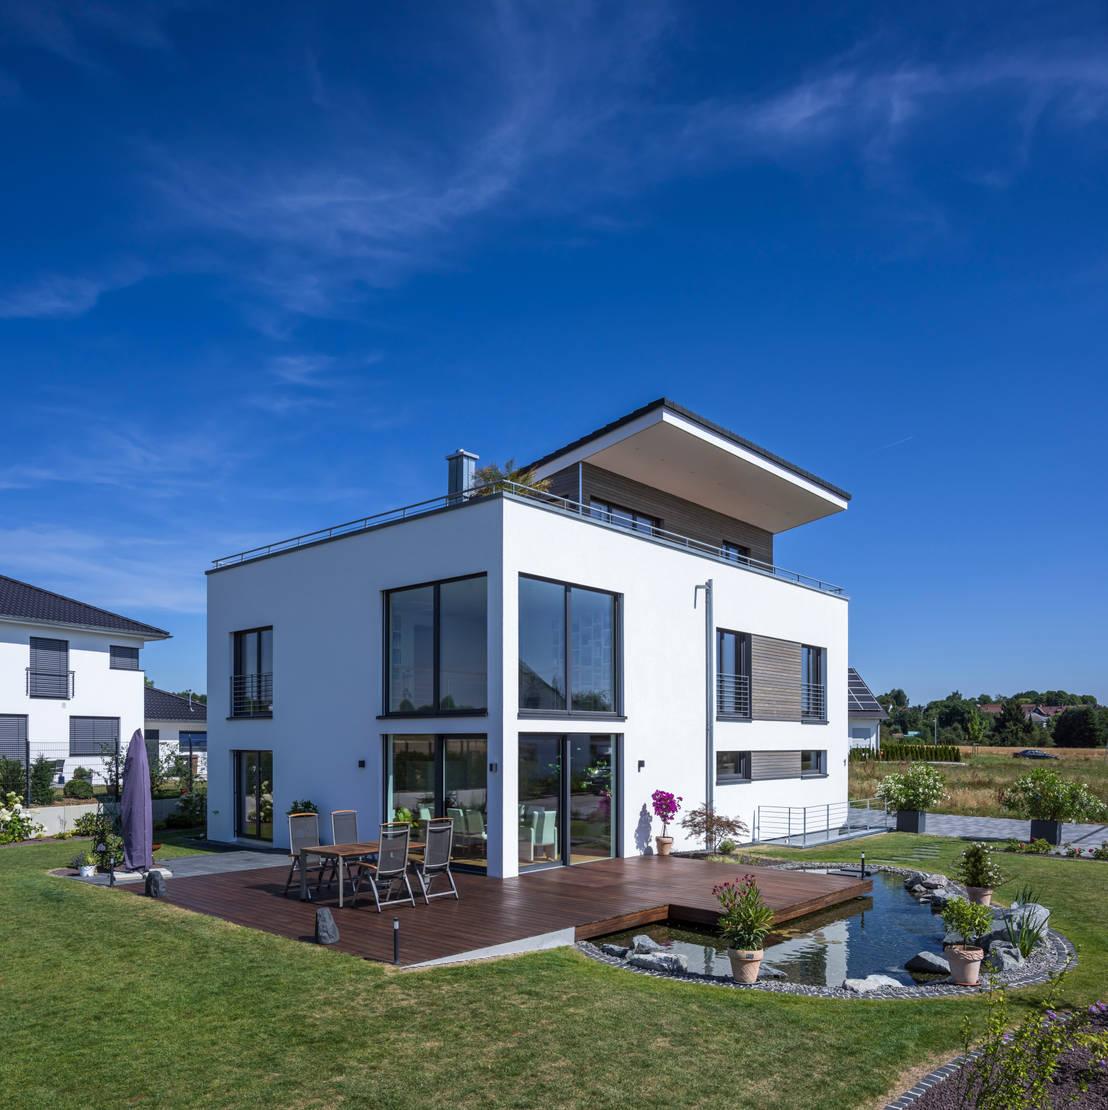 Modern gro z gig und richtig wohnlich ein echtes for Traumhaus modern